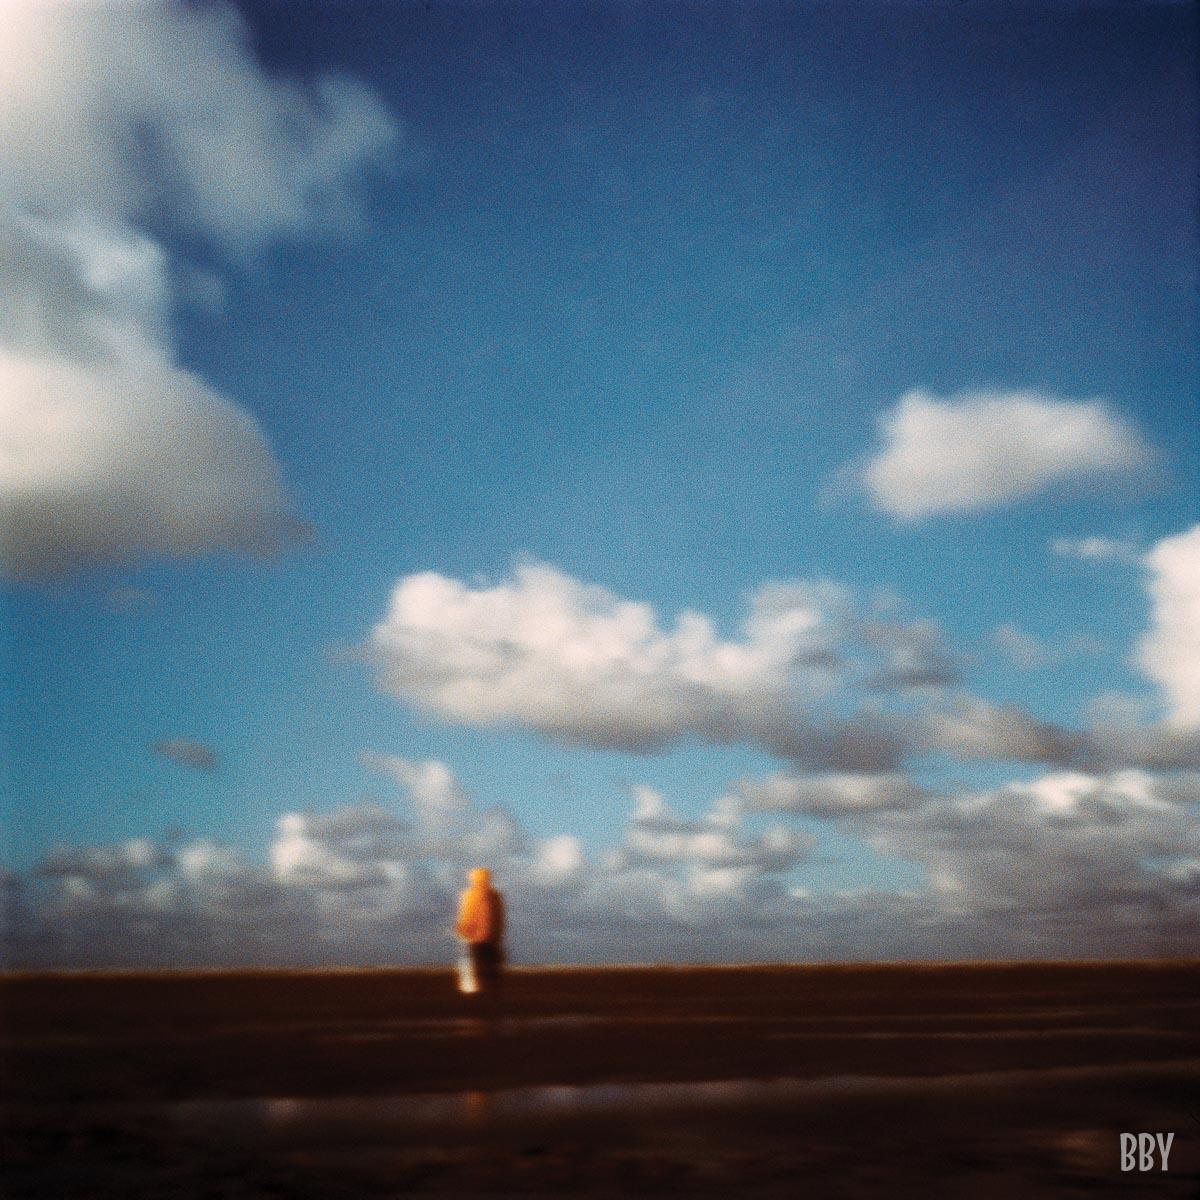 stenope, pinhole, slow photography, chambre noire, mer, ciel, pecheur, jaune, bleu, sea, fisher